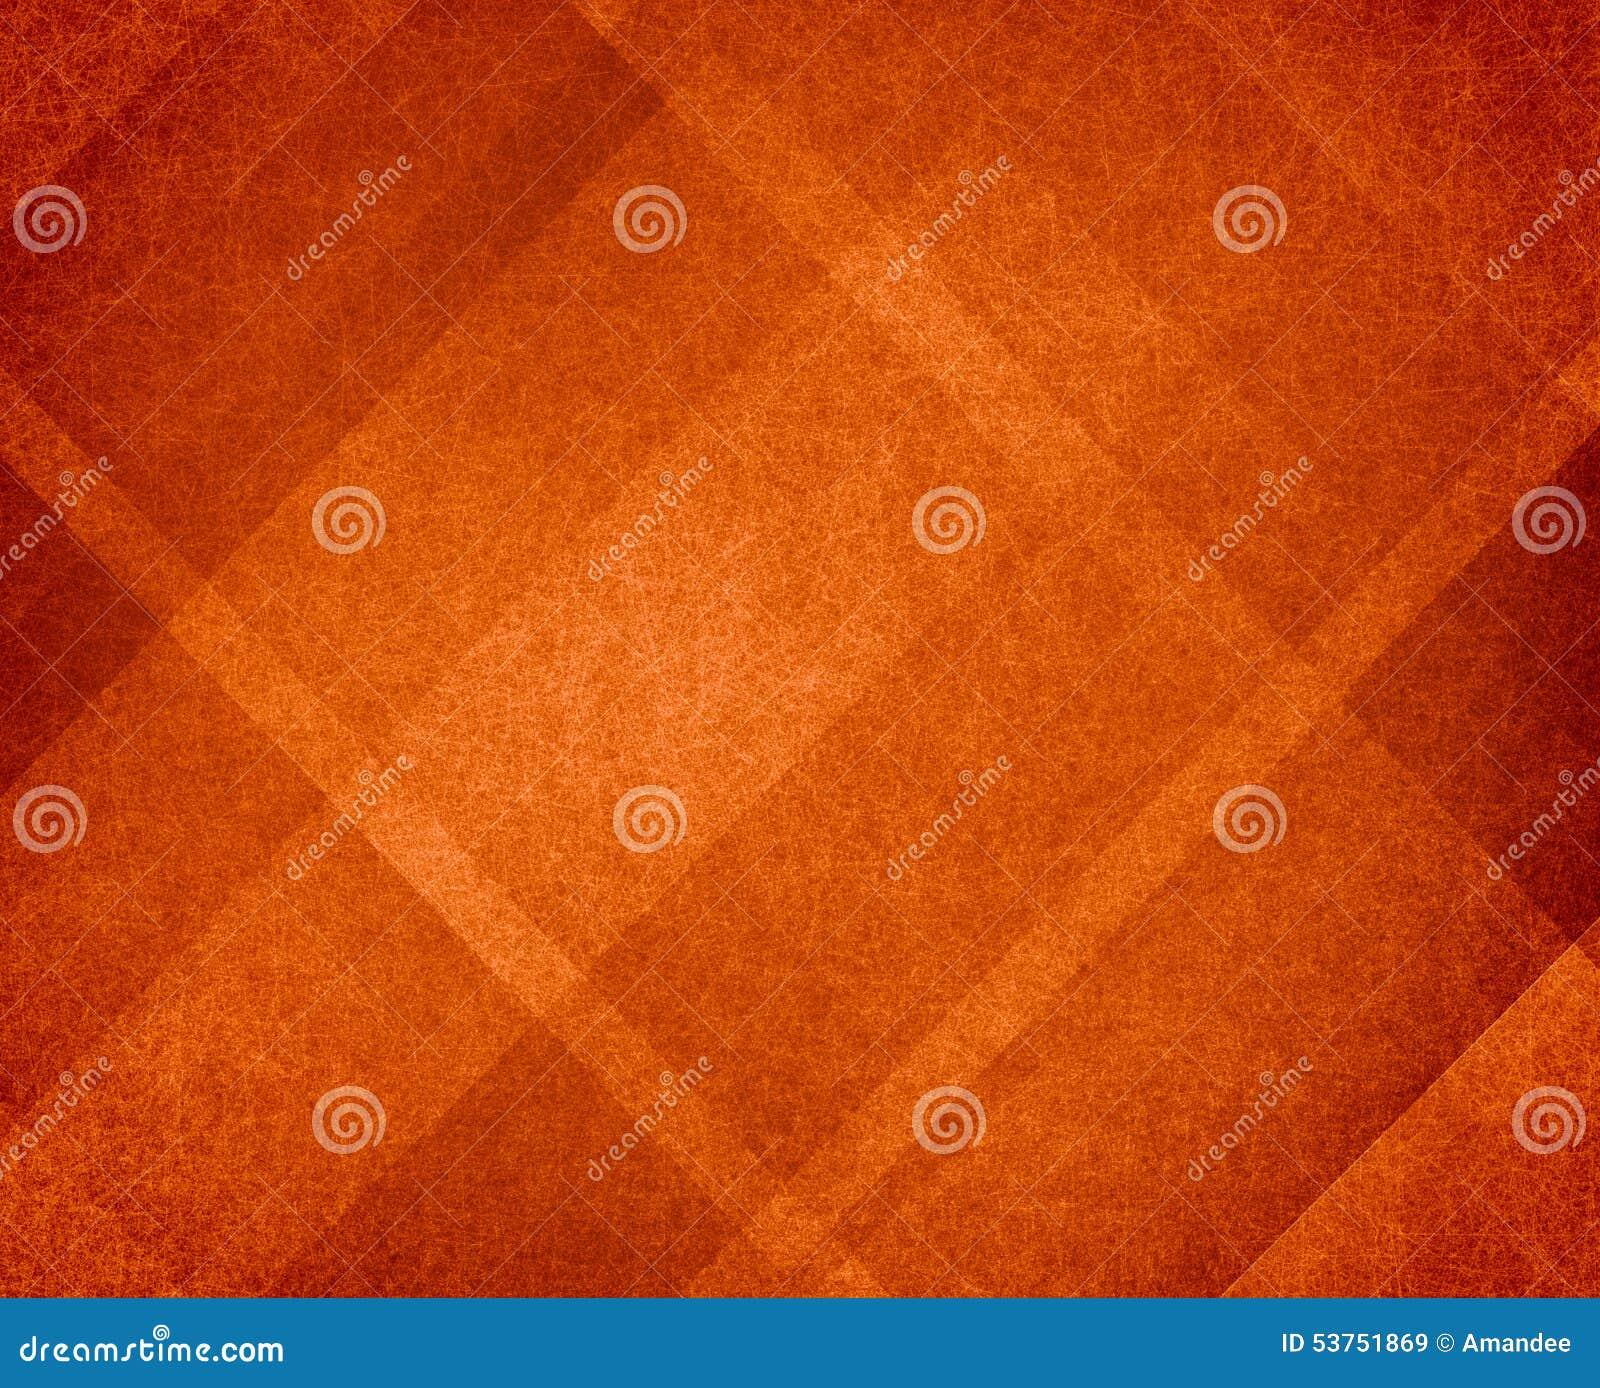 Diseño anaranjado del extracto del fondo de la acción de gracias o del otoño